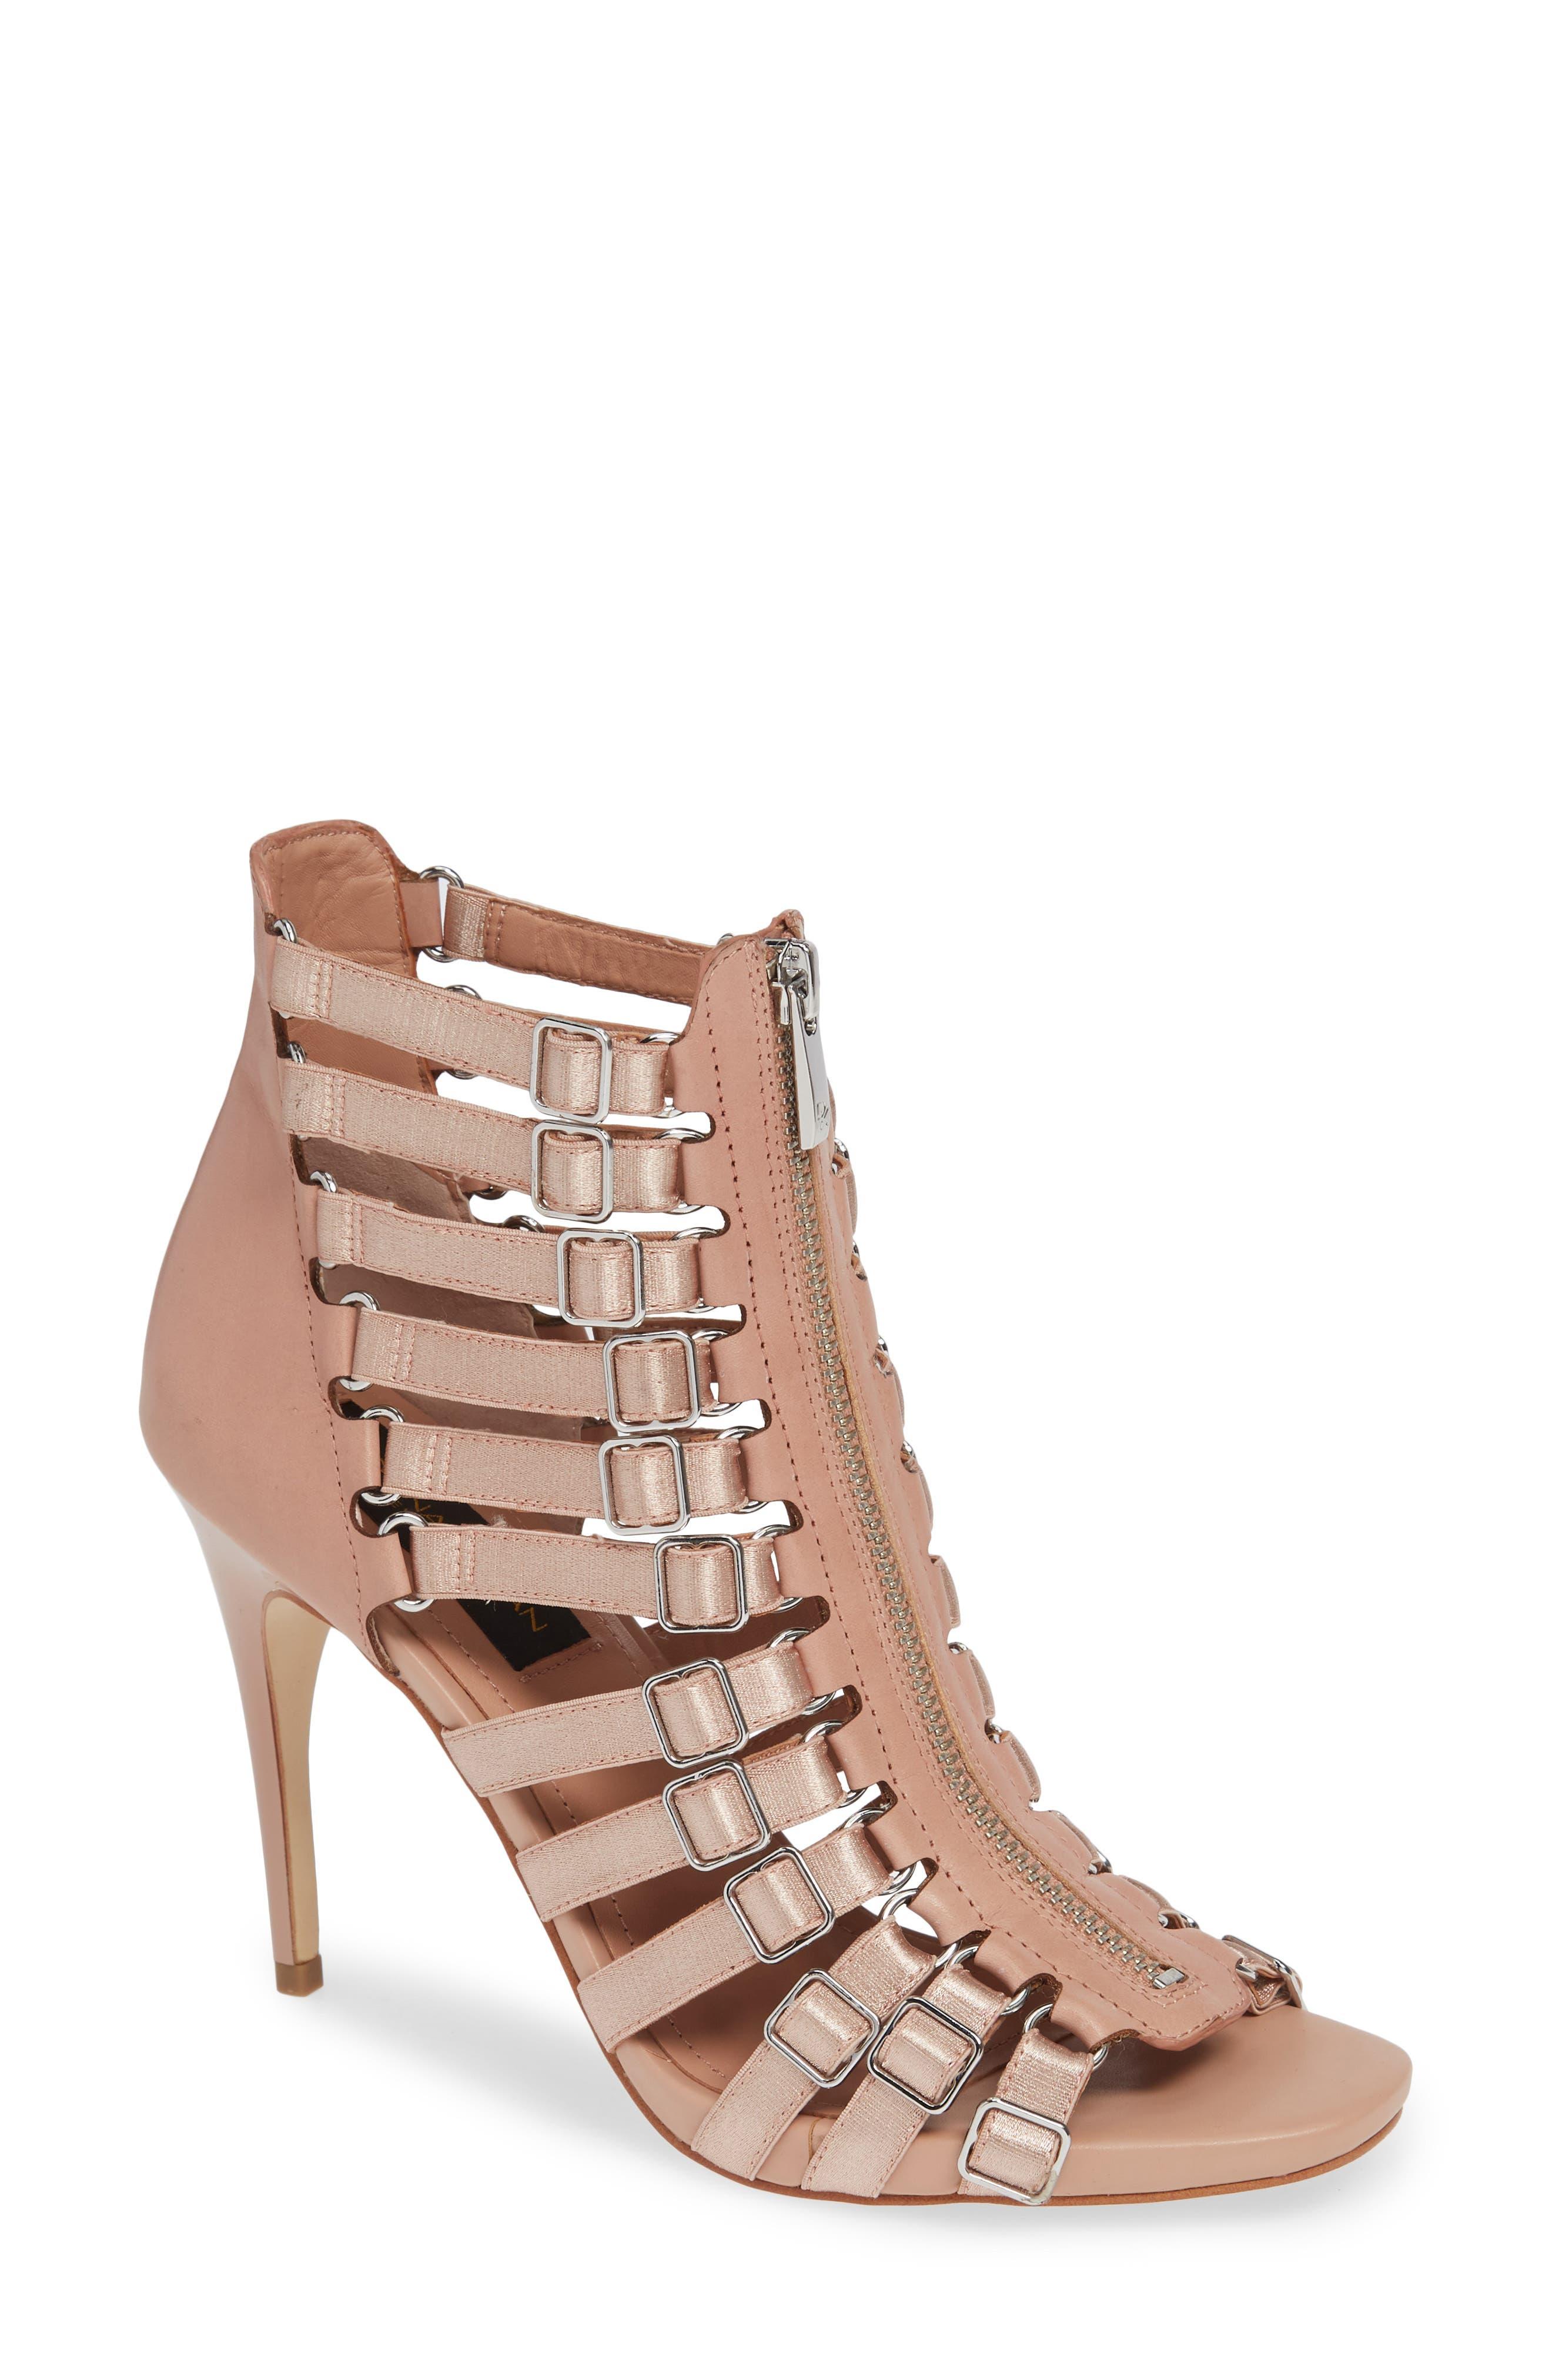 Donna Karan Kat High Sandal, Pink